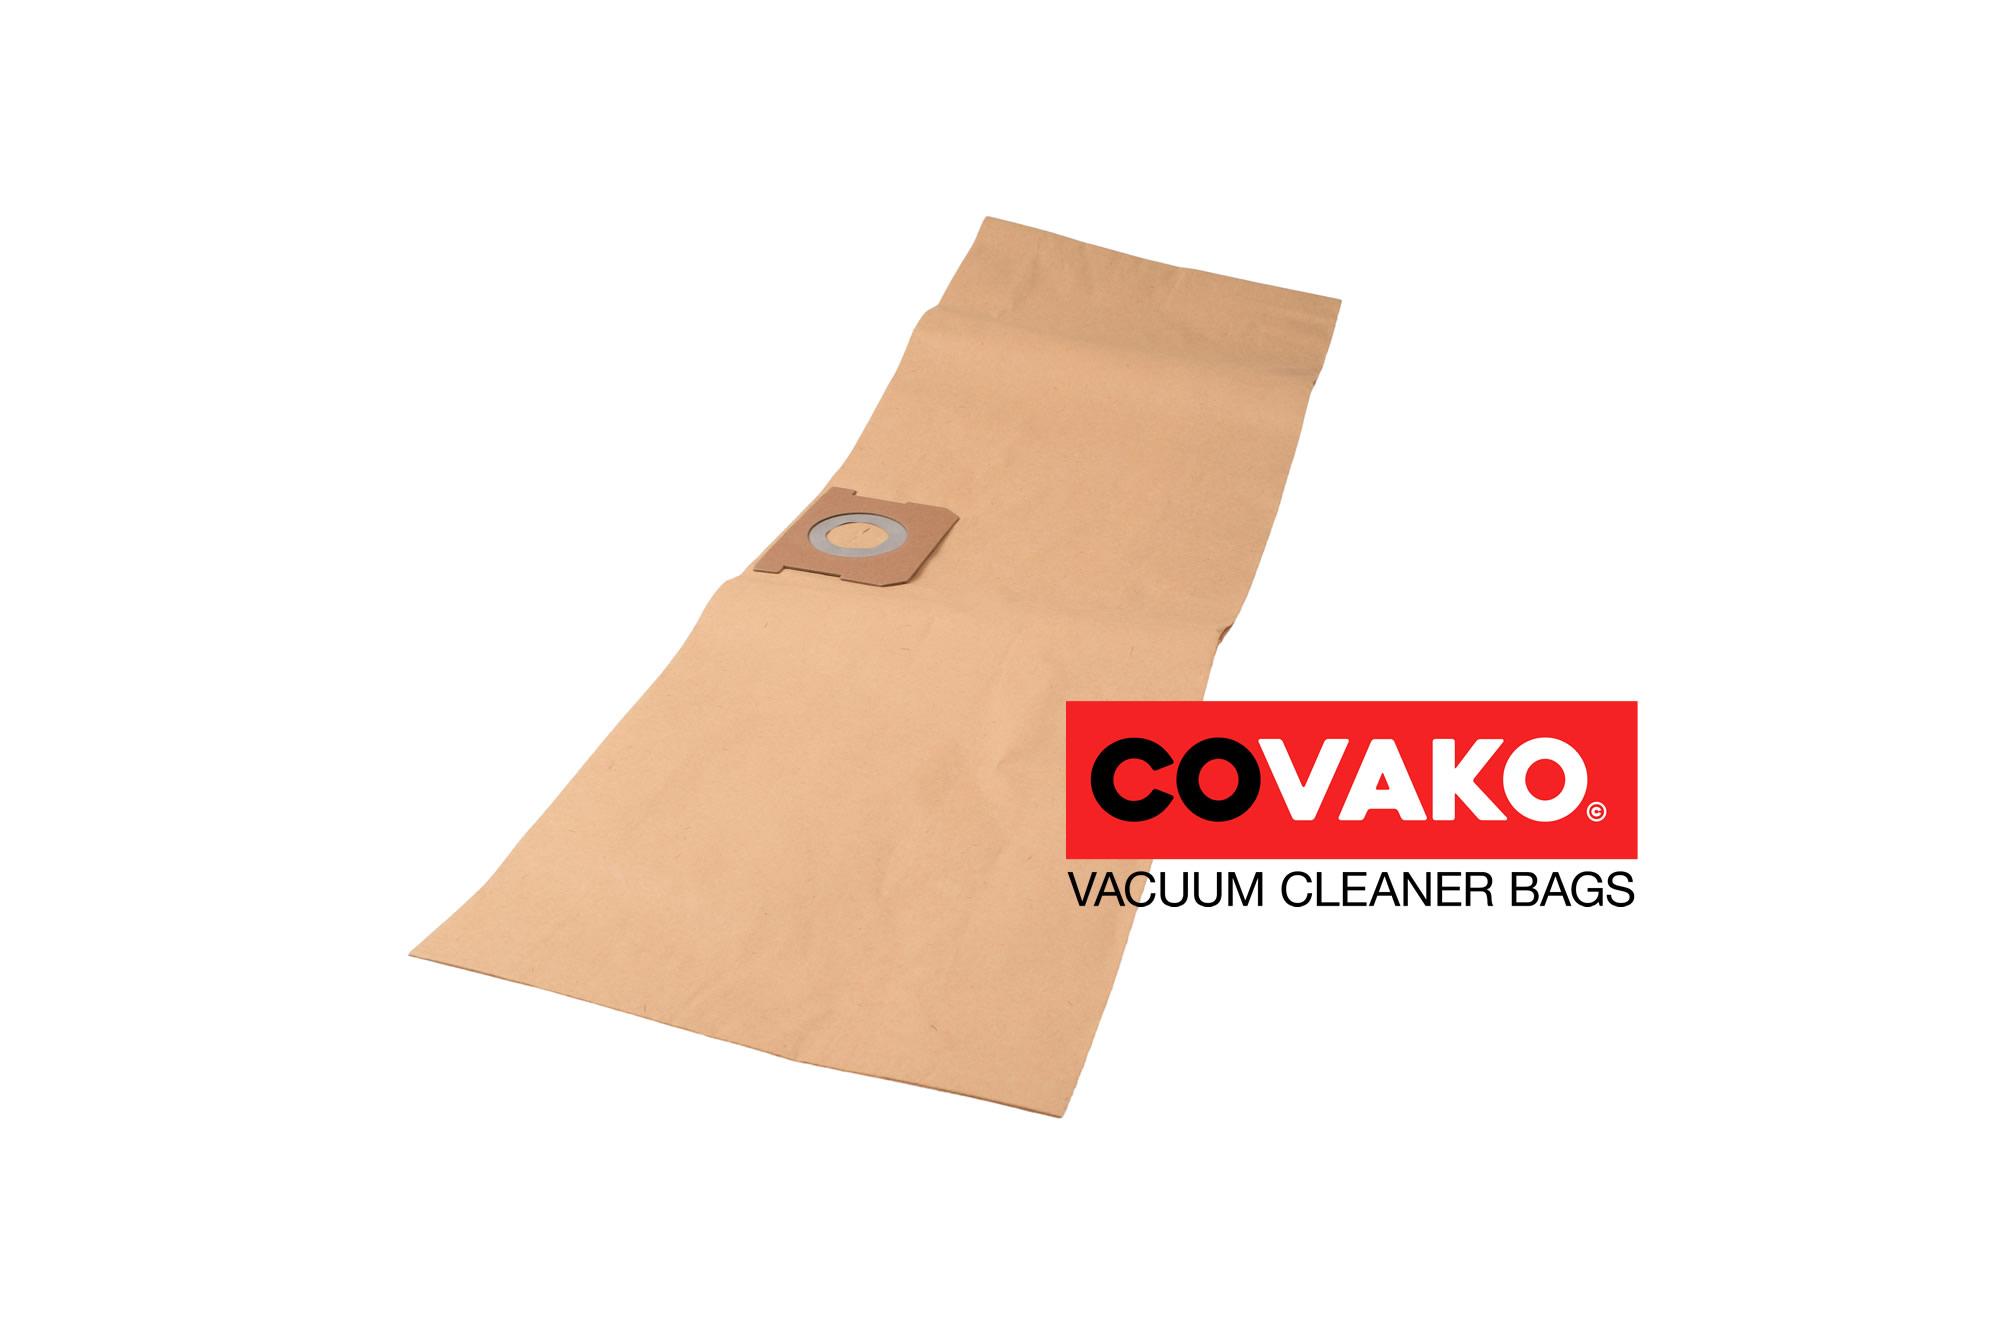 Bauhaus Shop Vac Pro 25 / Papier - Bauhaus sacs d'aspirateur